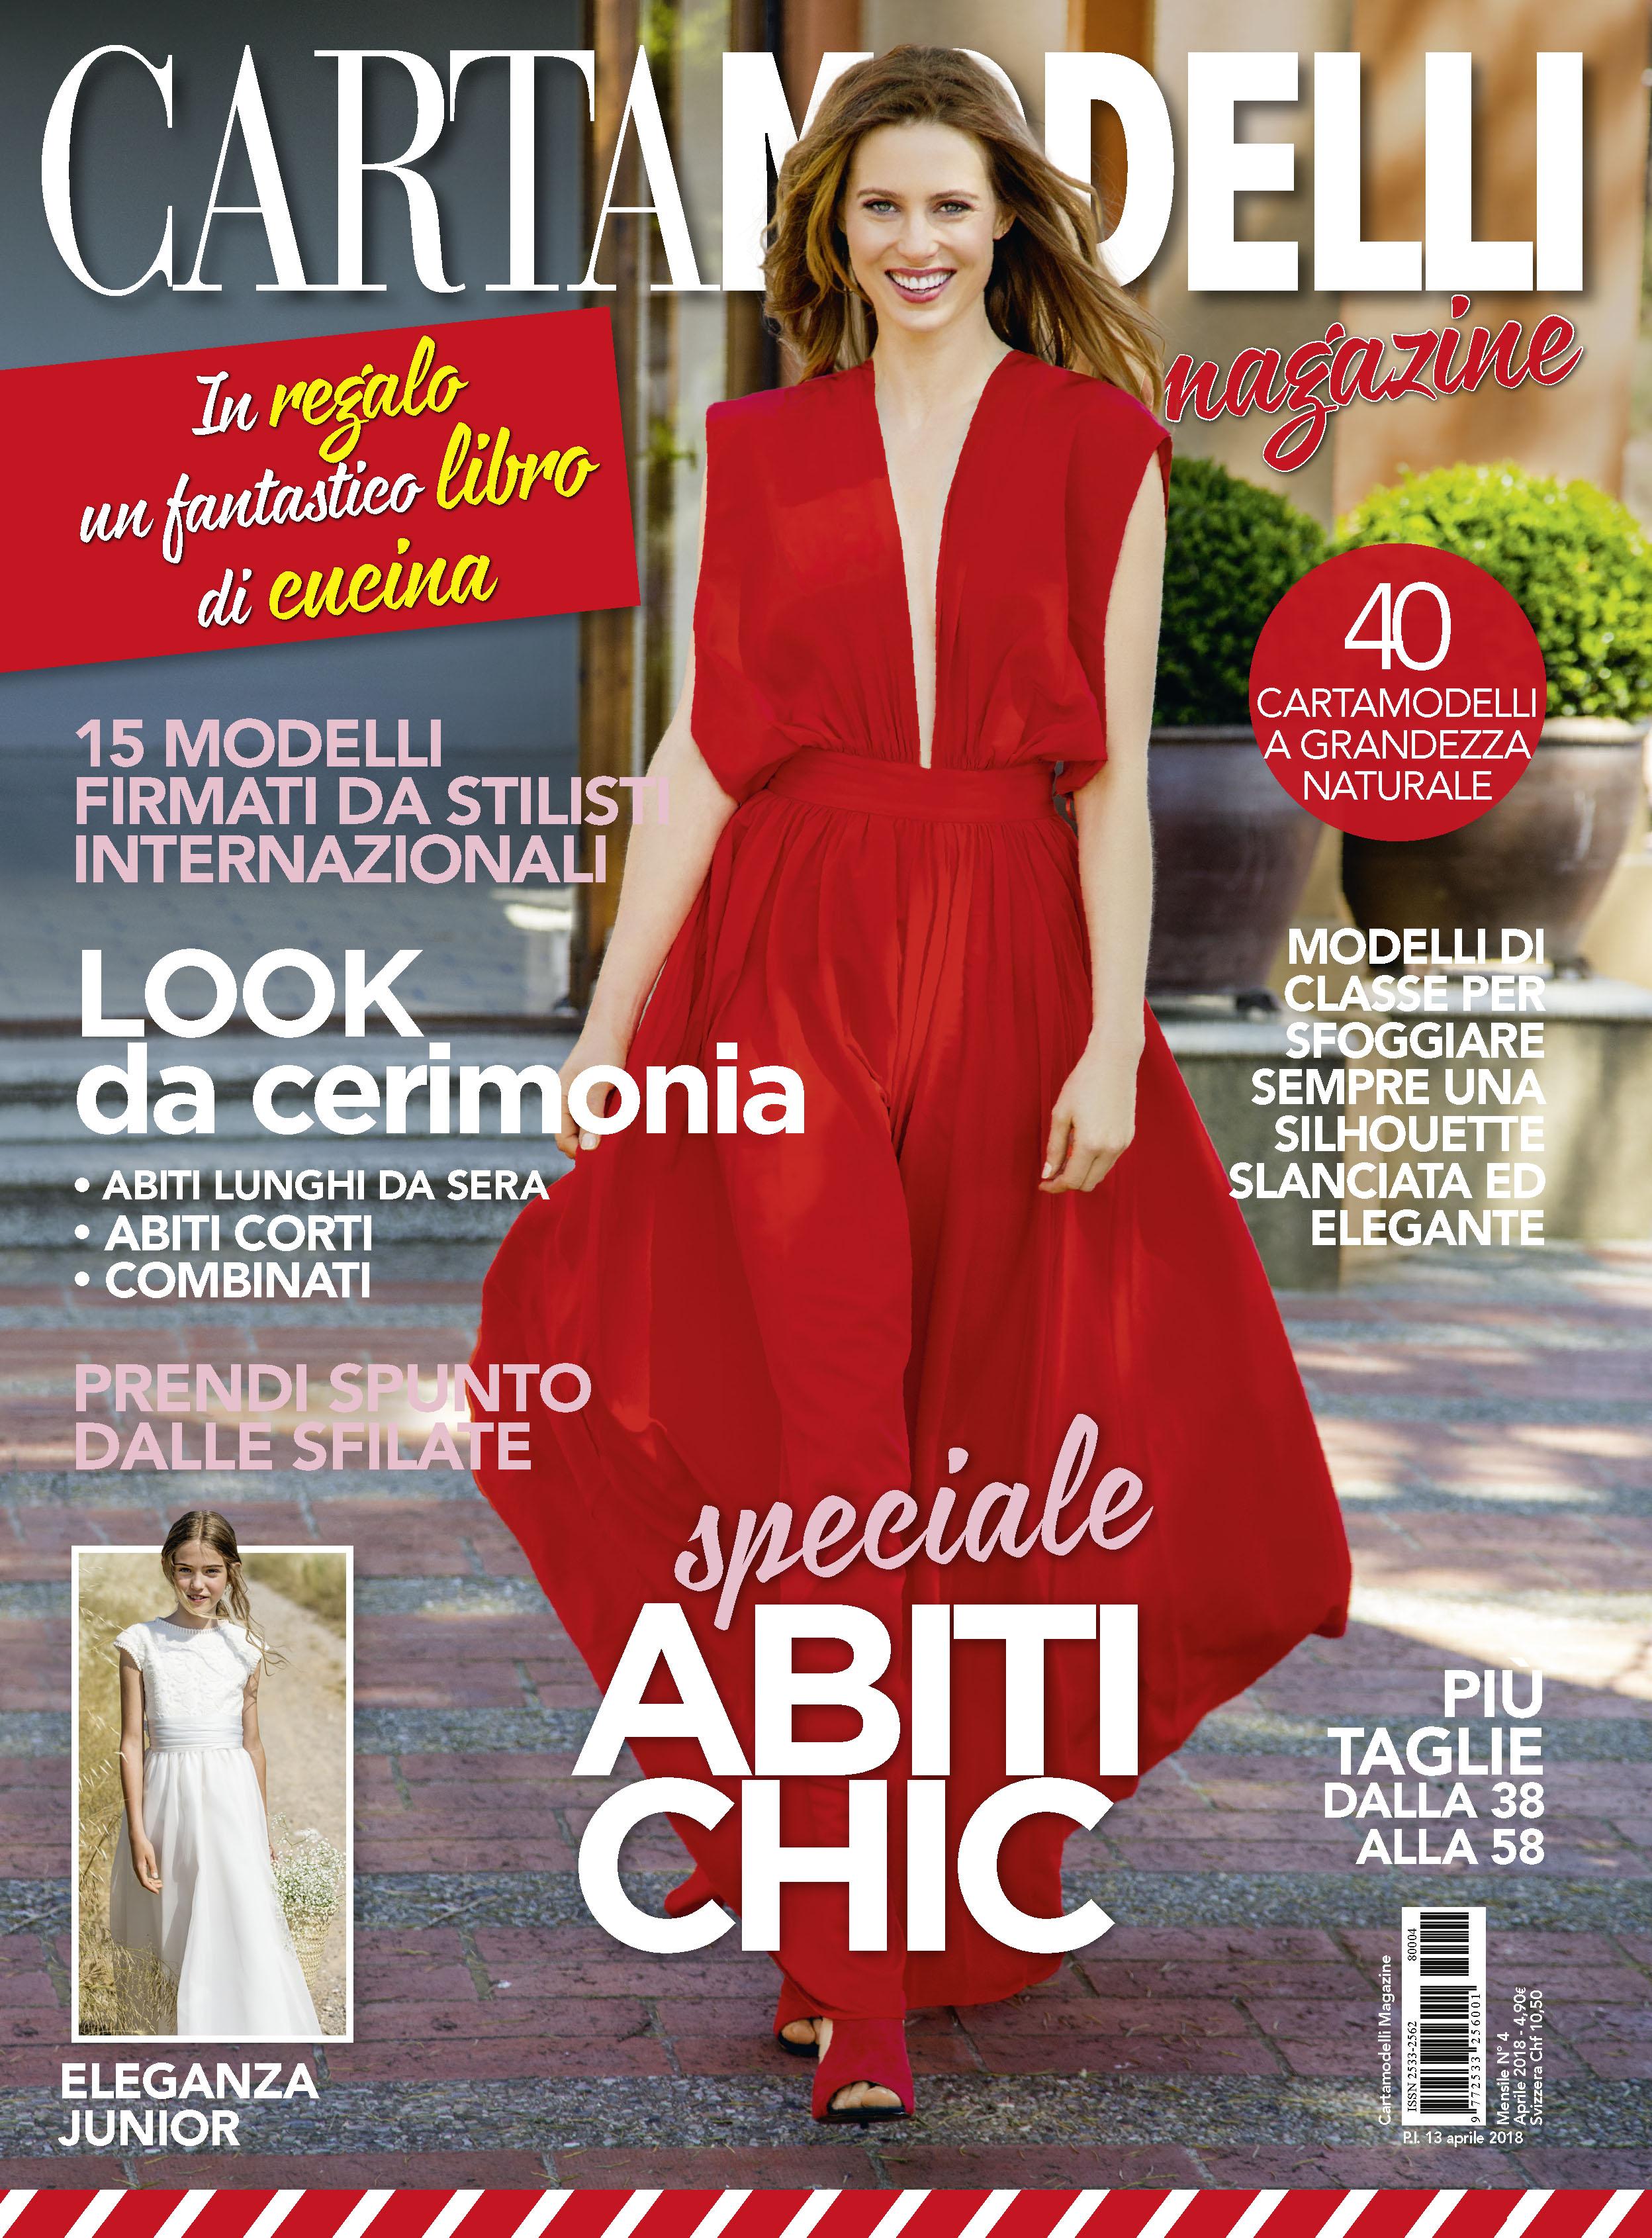 Appassionate Rivista Le Cucito Cartamodelli MagazineLa Per Di BhsQrtdCx